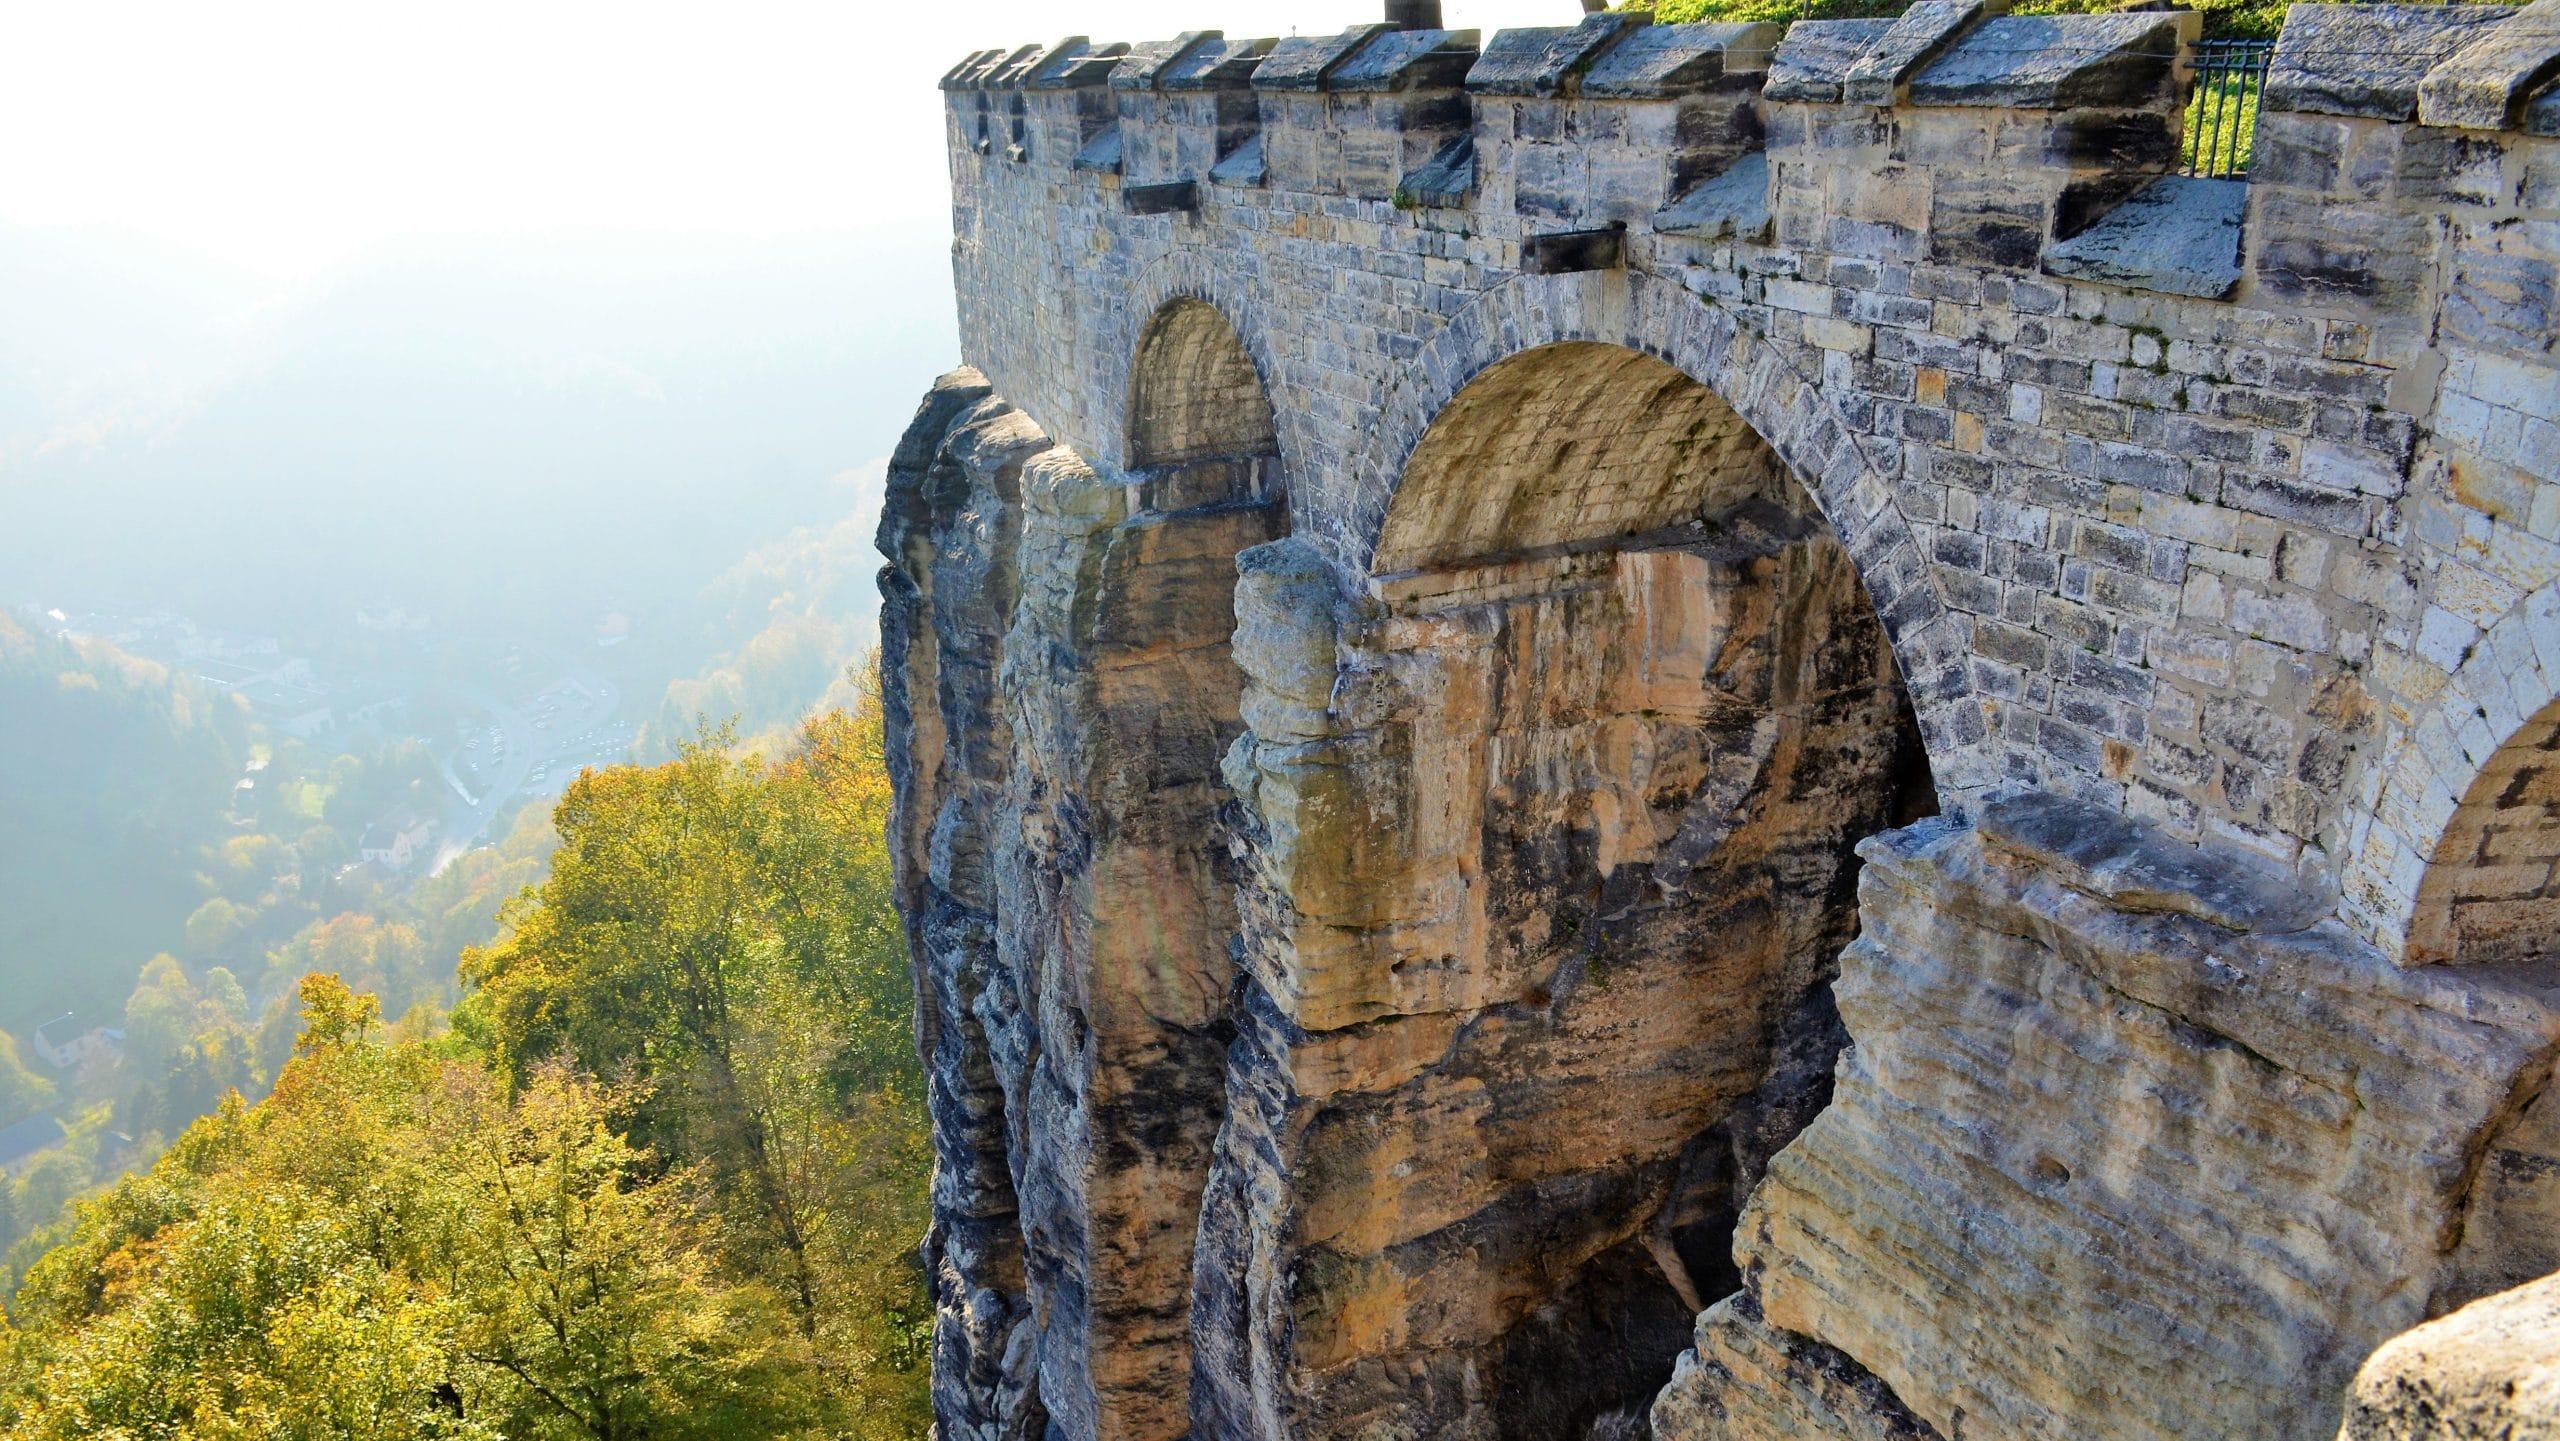 Mauern der Festung Königstein